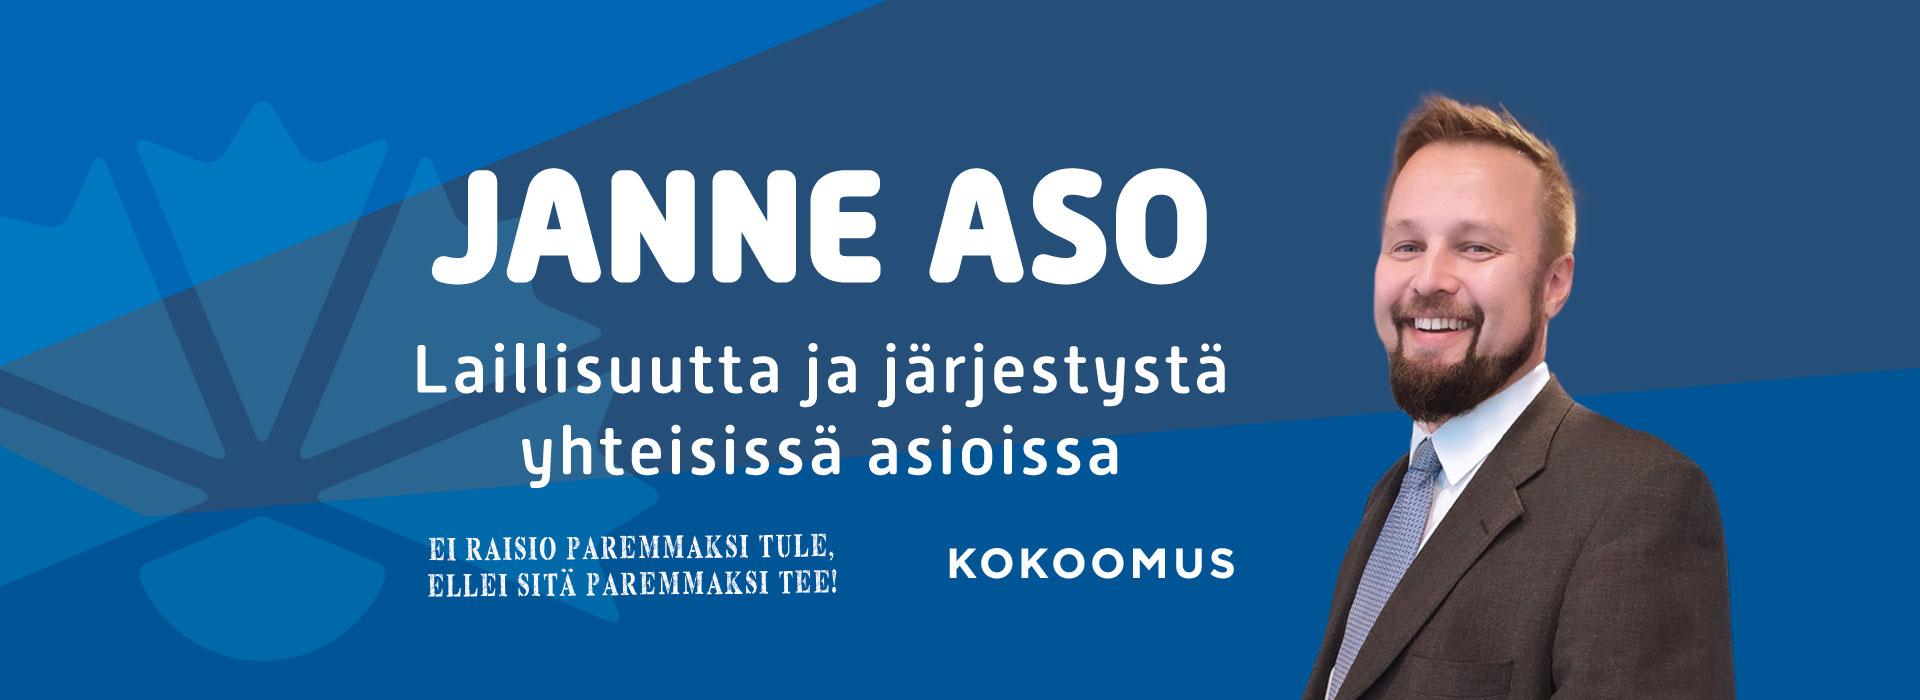 Janne Aso